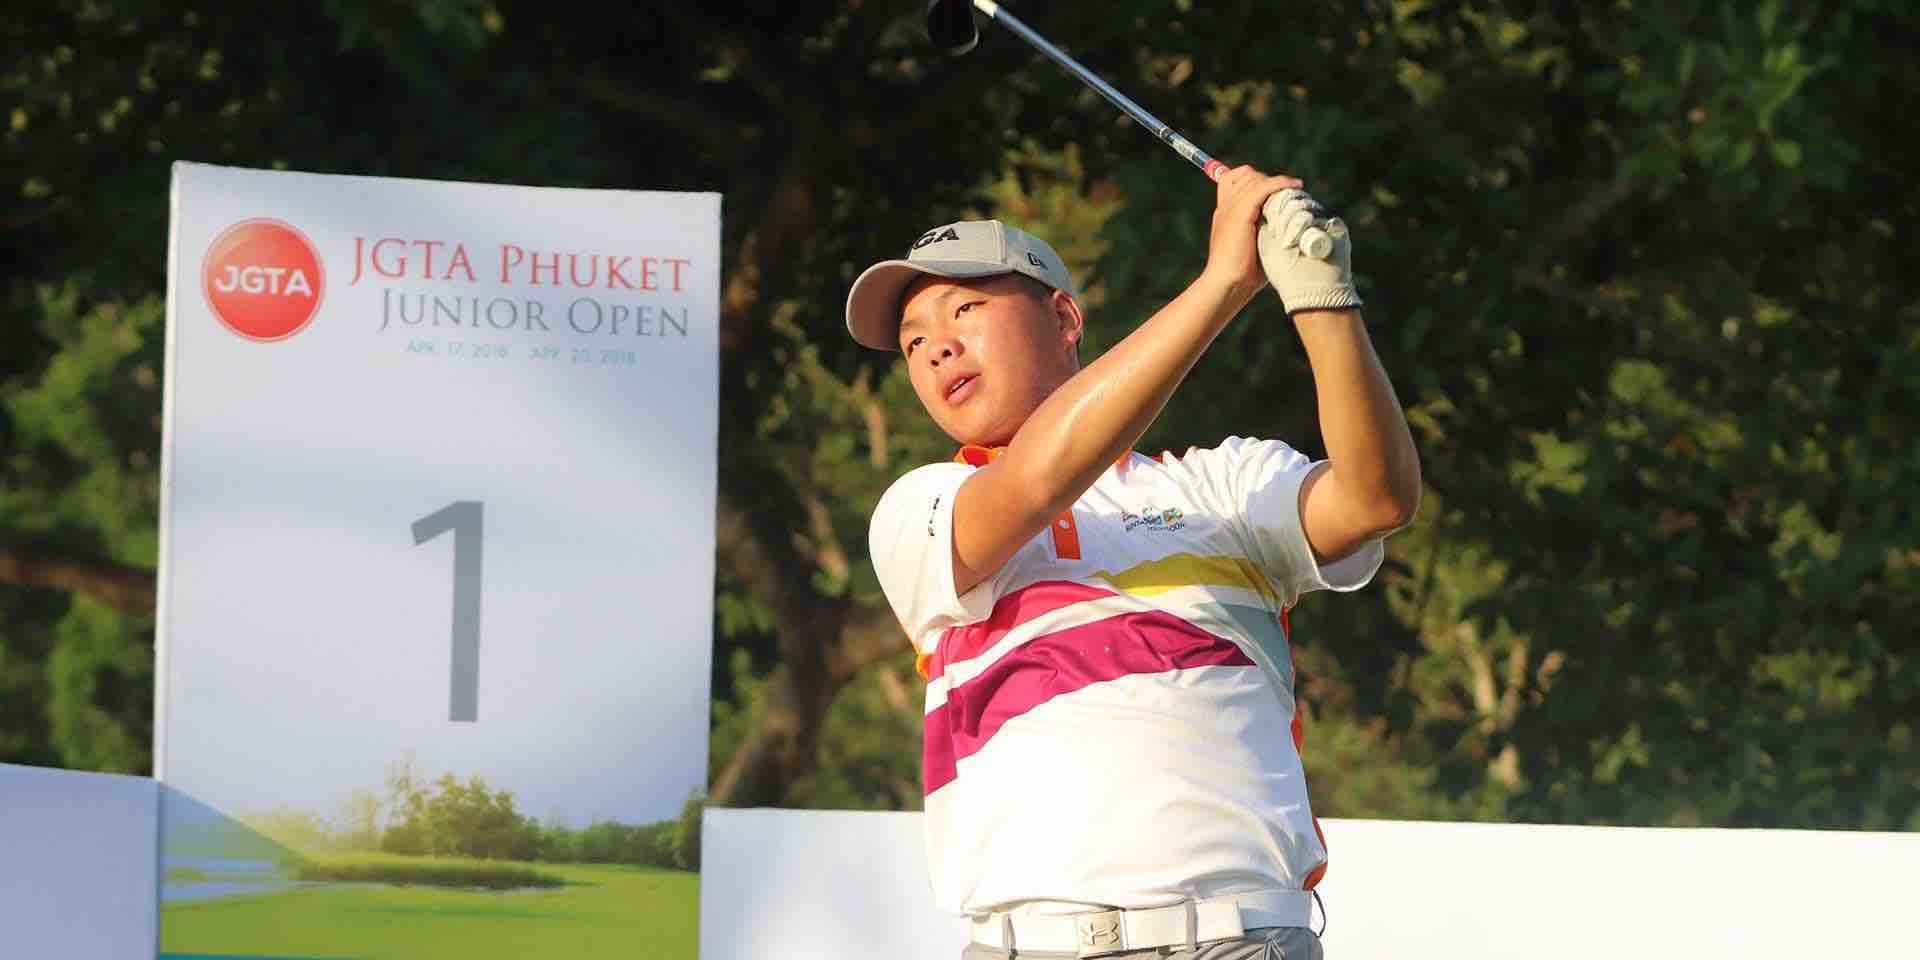 Three JGTA Players win AJGA - One of the champions, Xuan Luo at JGTA Phuket